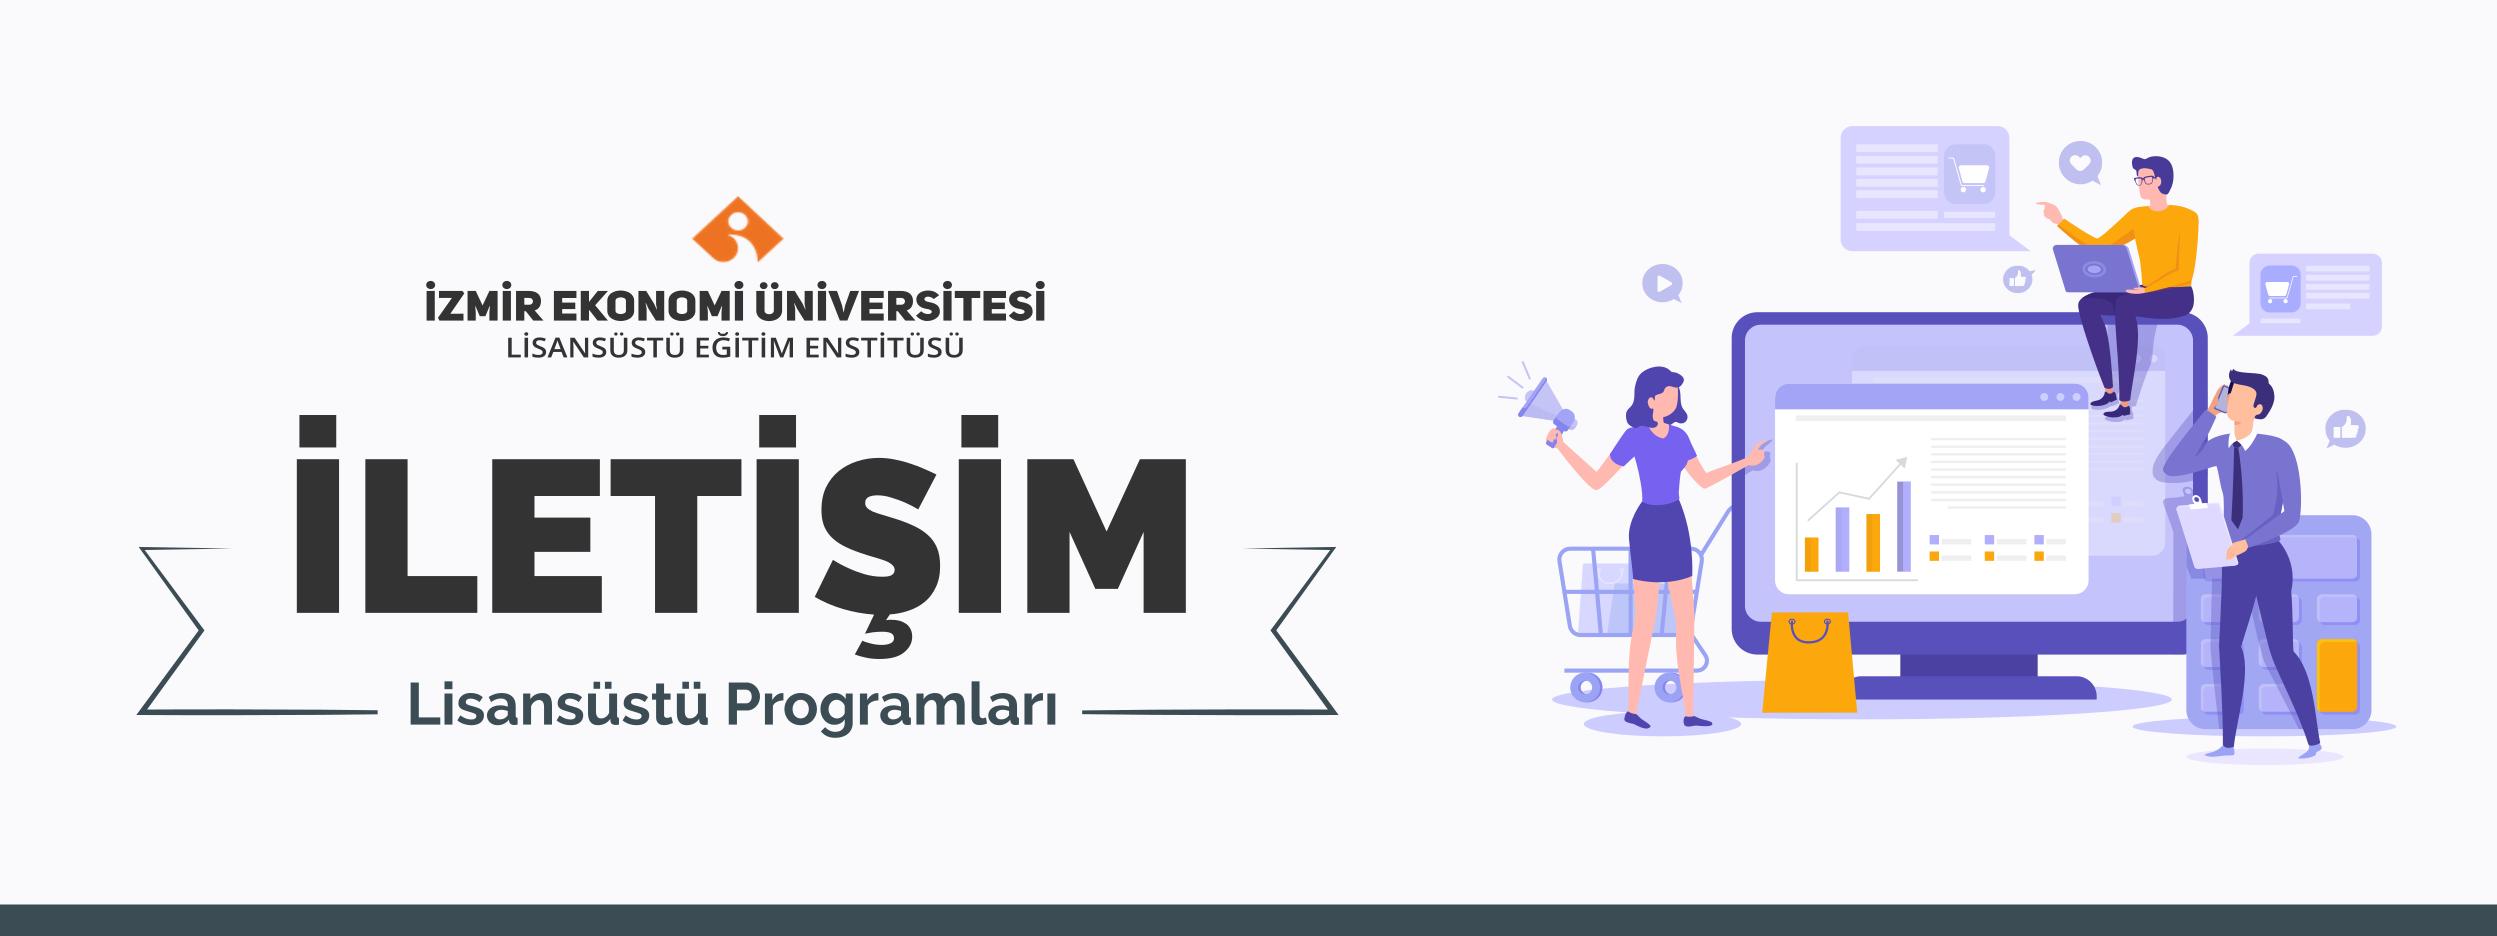 İzmir Ekonomi Üniversitesi İletişim Bölümü Yüksek Lisans ve Doktora Programları